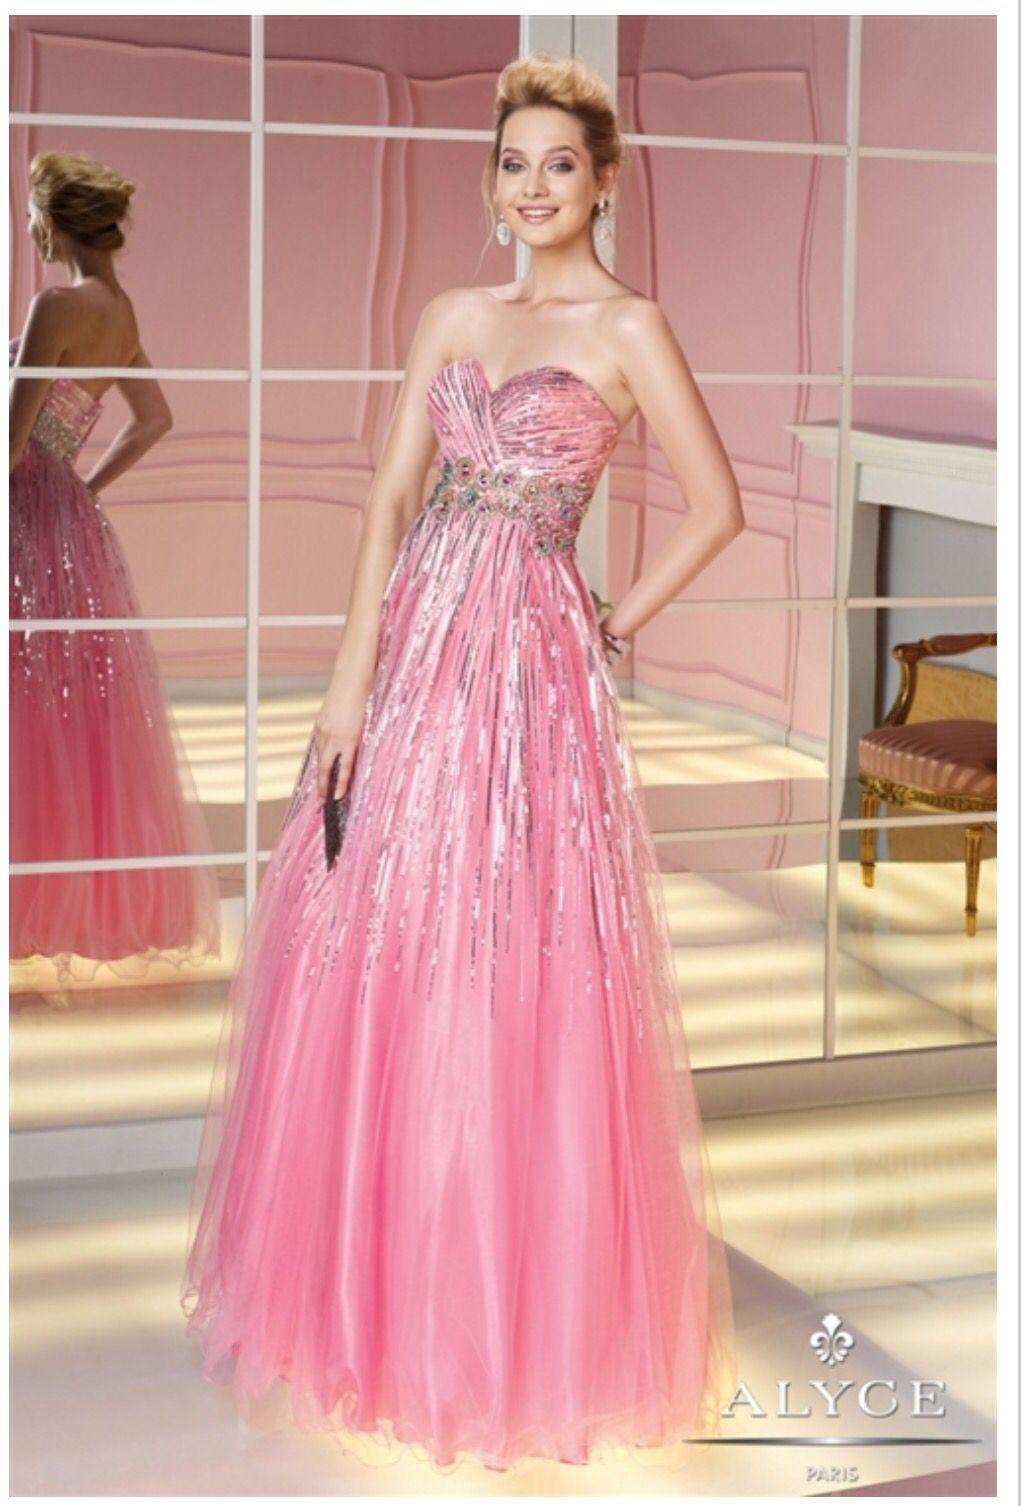 Pin de Diana Rosalina en fashion   Pinterest   Granate, Rosas y Color